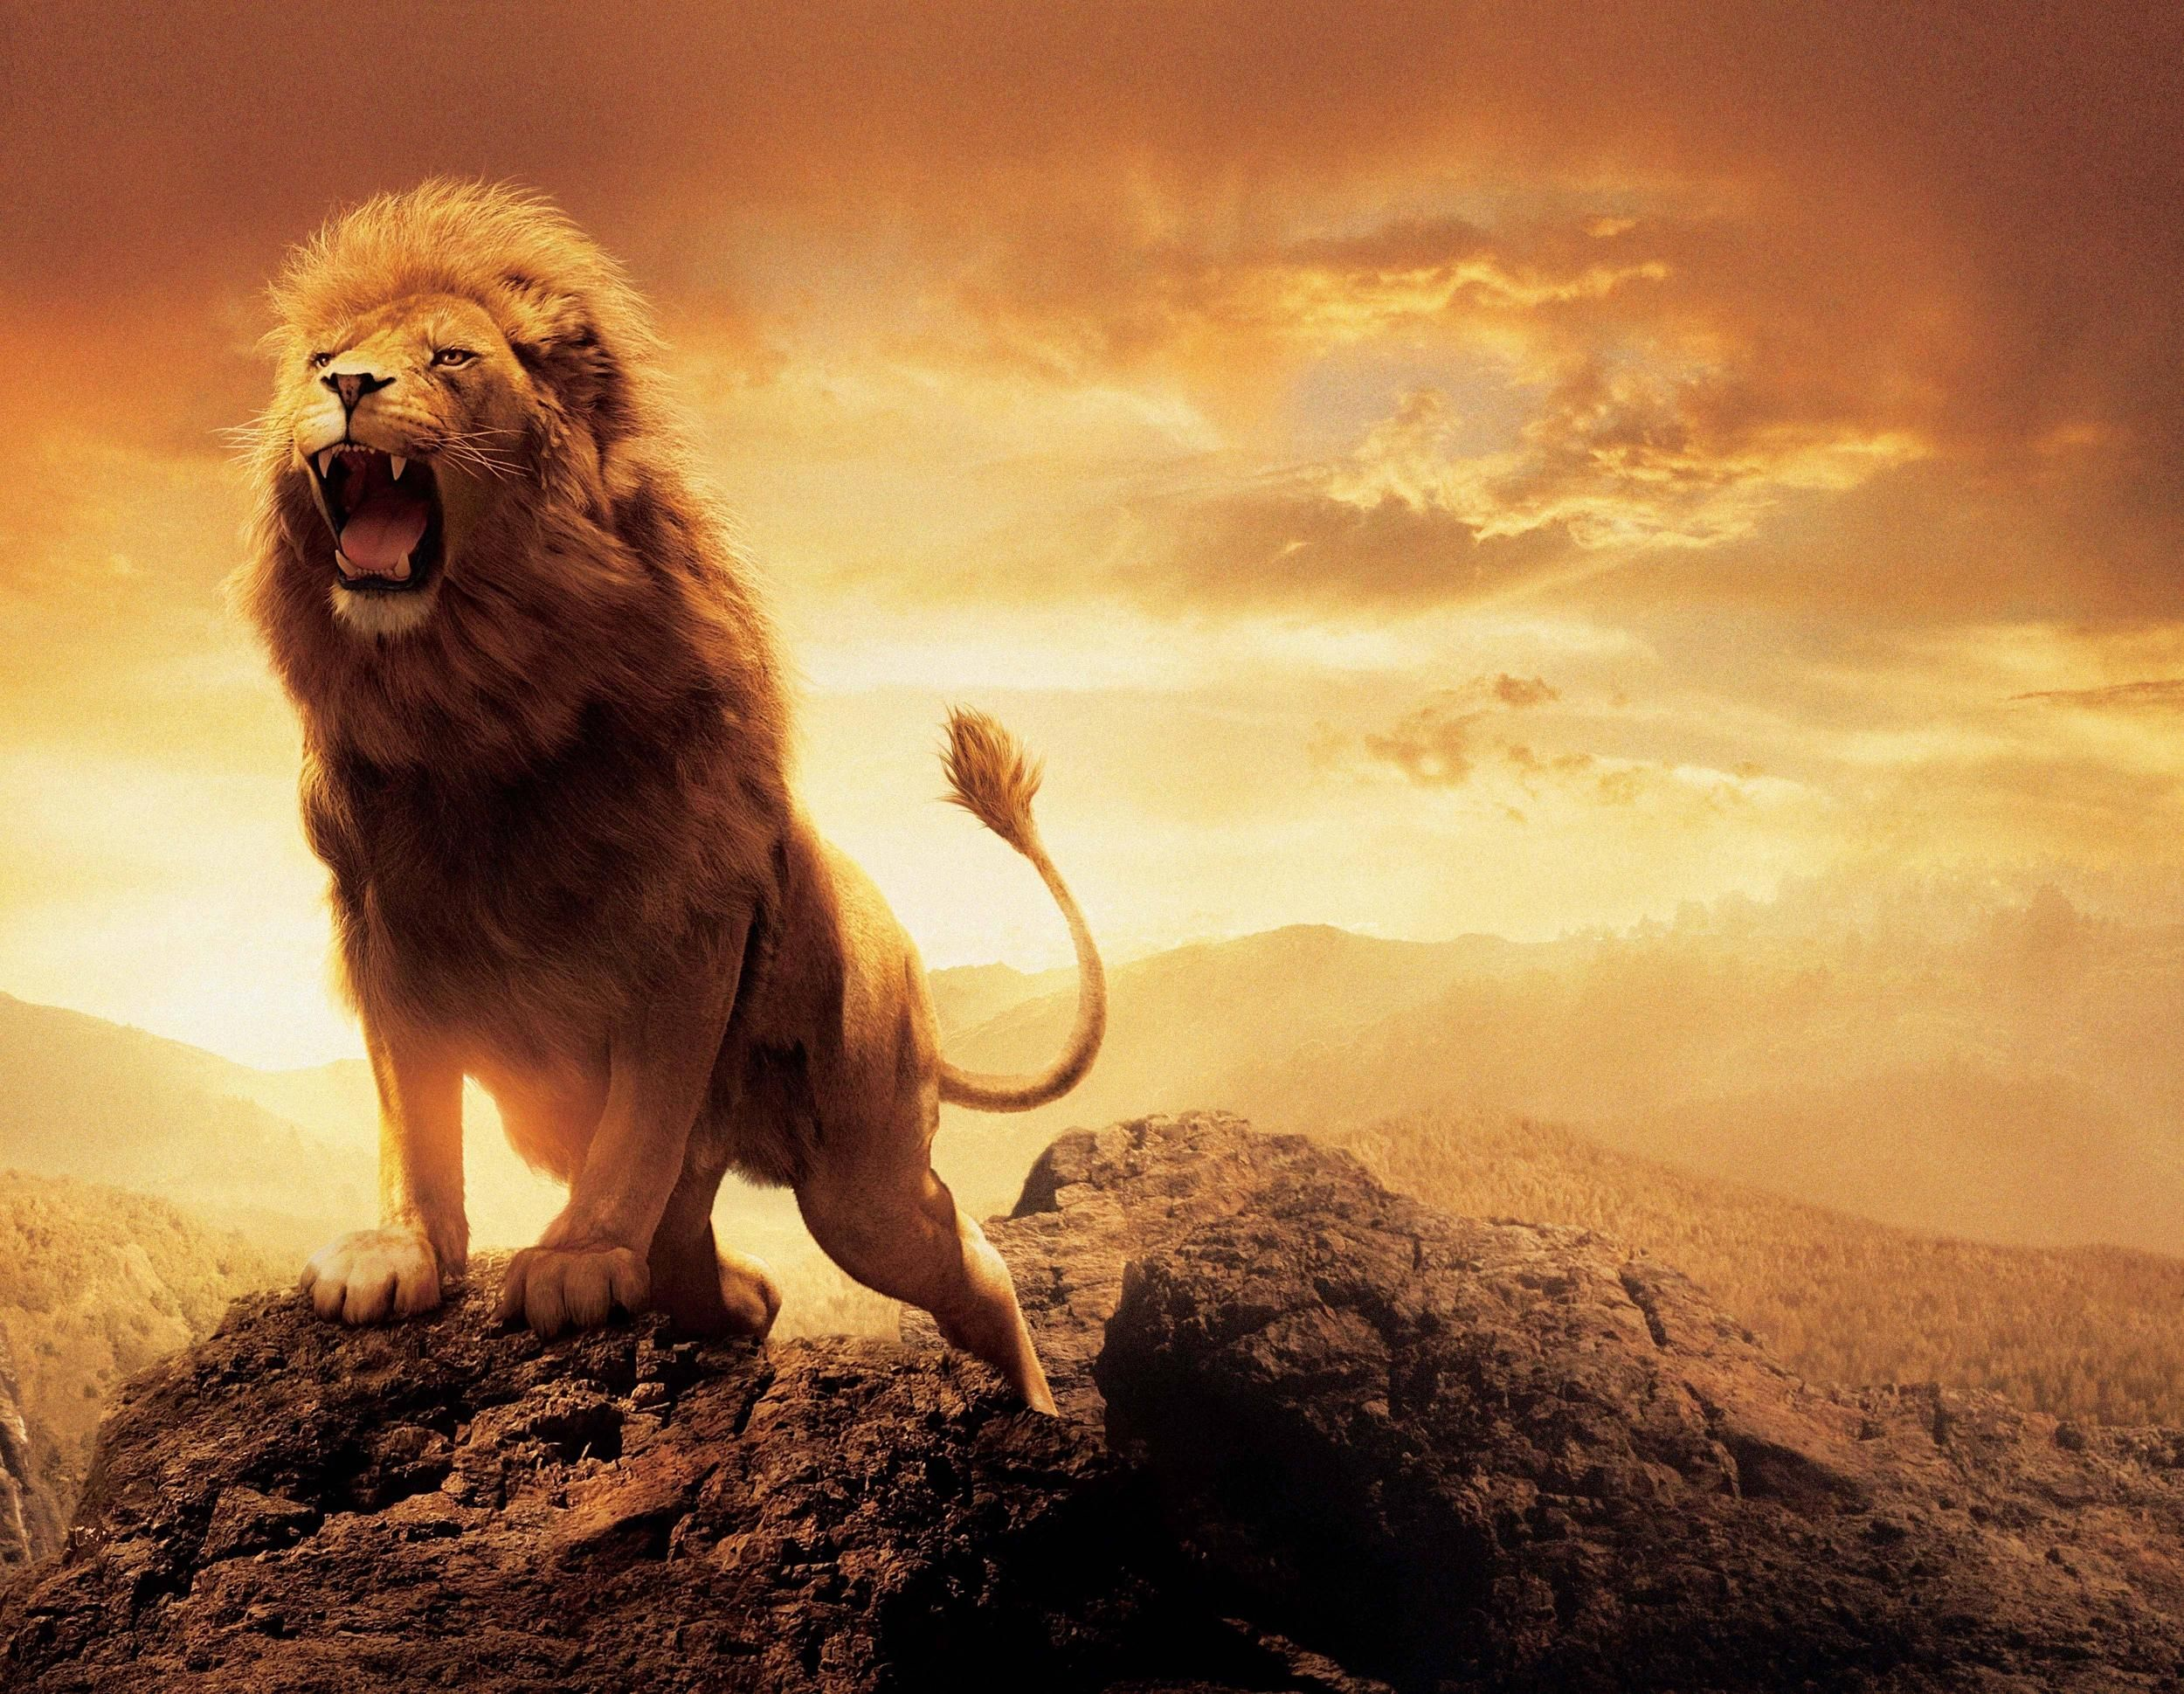 Wonderful Wallpaper Lion Facebook - d0d5c23f938a4dc0c9f98d6b5ea89c4a  Pictures_488548.jpg